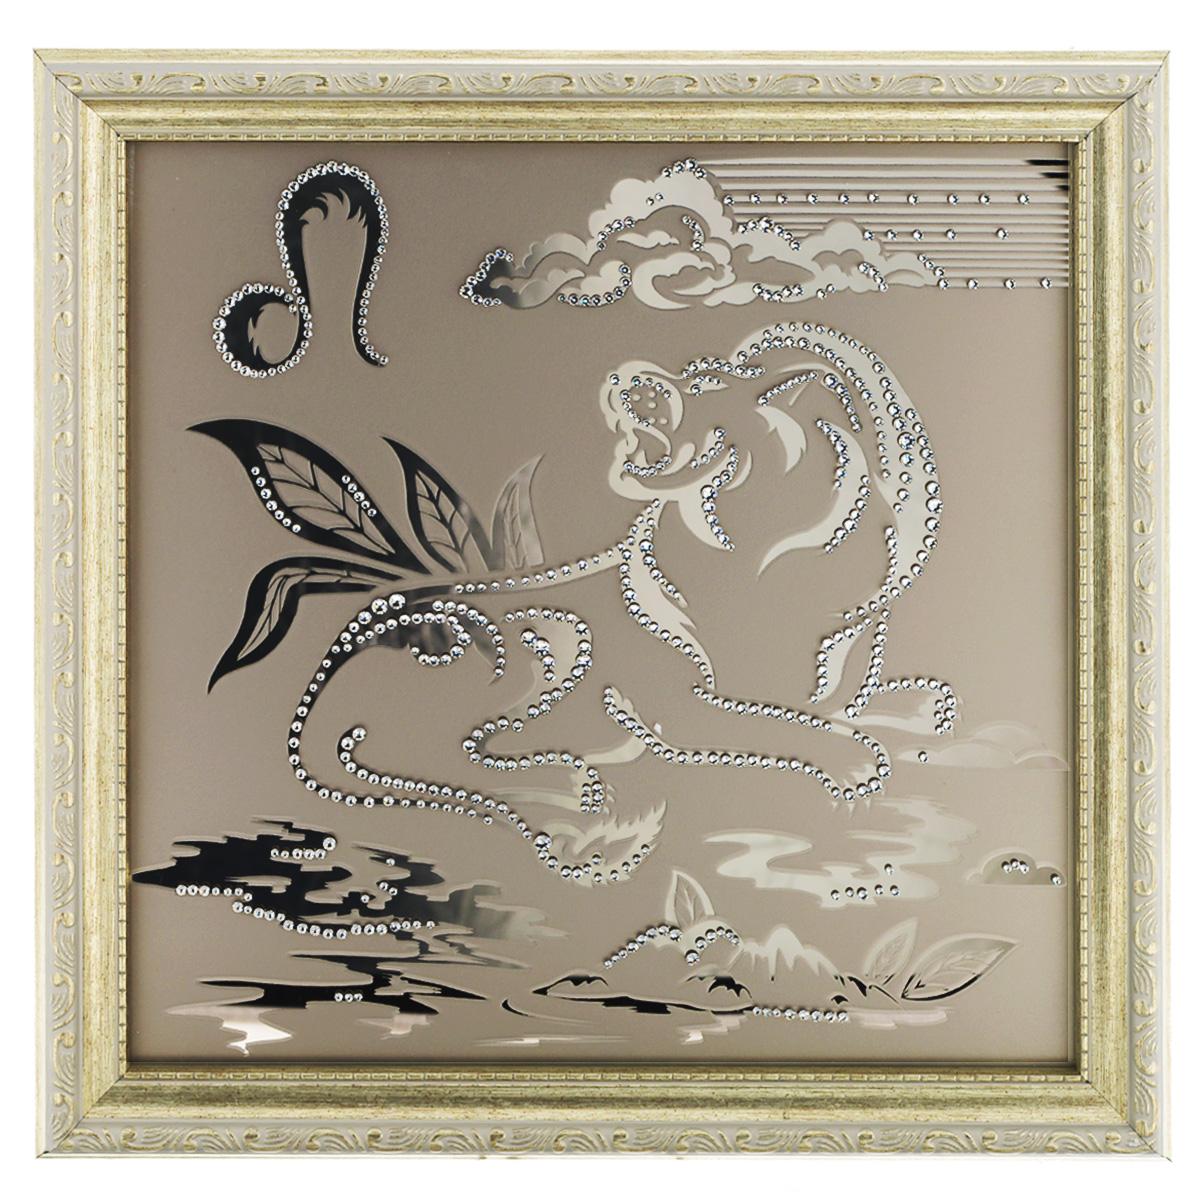 Картина с кристаллами Swarovski Знак зодиака. Лев, 35 см х 35 смPM-3001Изящная картина в багетной раме, инкрустирована кристаллами Swarovski в виде знака зодиака - Лев на матовом стекле золотистого цвета. Кристаллы Swarovski отличаются четкой и ровной огранкой, ярким блеском и чистотой цвета. С обратной стороны имеется металлическая проволока для размещения картины на стене. Картина с кристаллами Swarovski Знак зодиака. Лев элегантно украсит интерьер дома или офиса, а также станет прекрасным подарком, который обязательно понравится получателю. Блеск кристаллов в интерьере, что может быть сказочнее и удивительнее. Картина упакована в подарочную картонную коробку синего цвета и комплектуется сертификатом соответствия Swarovski.